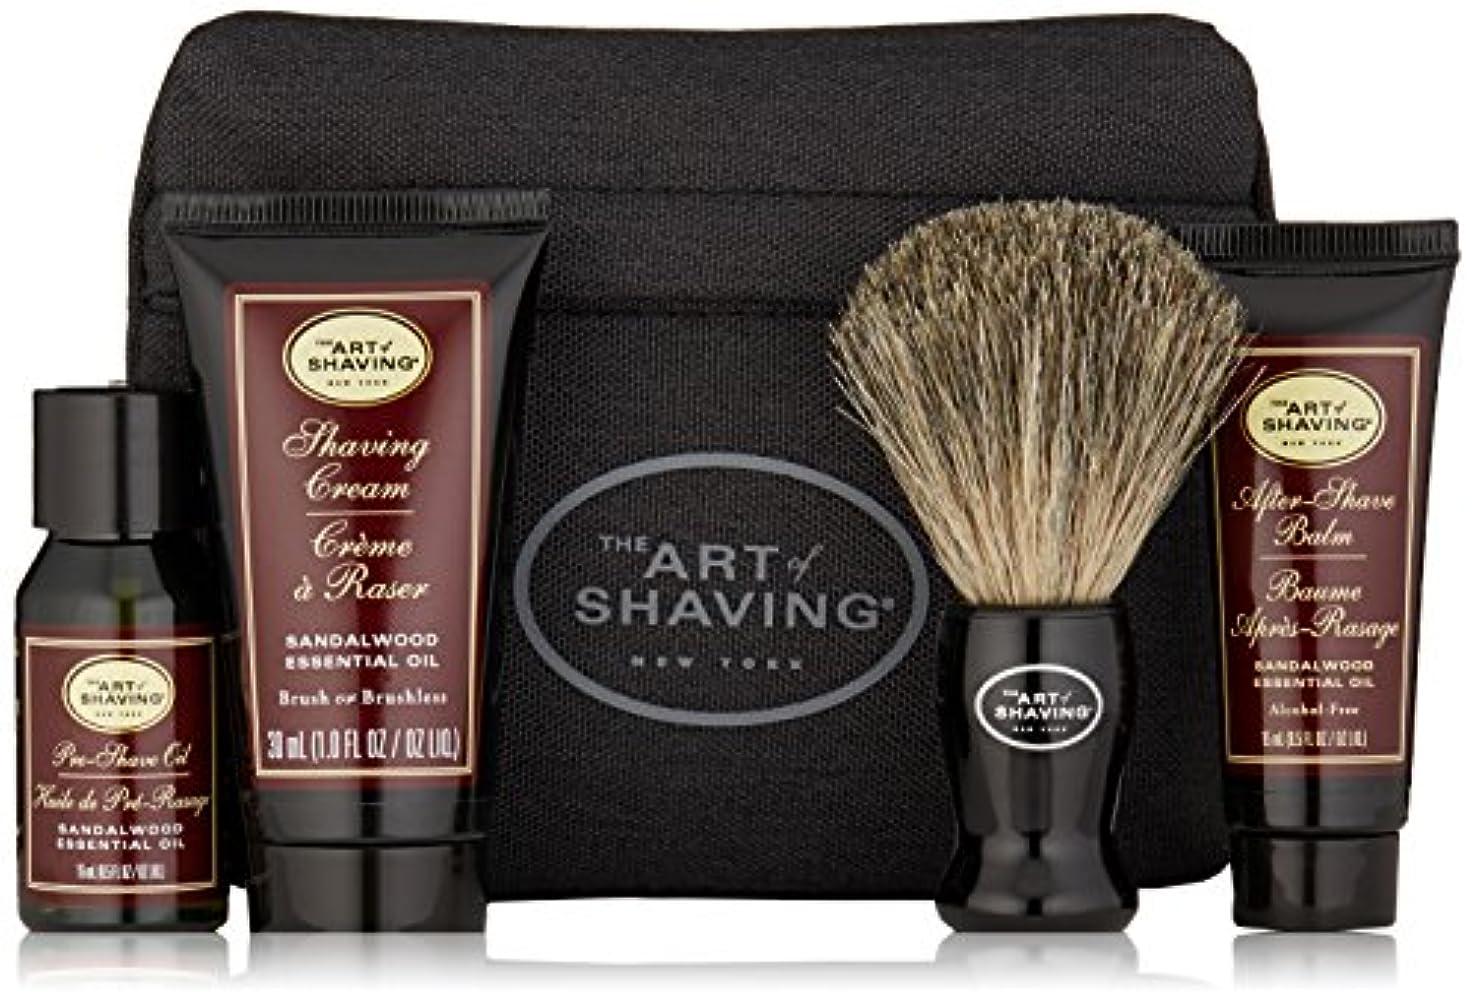 別々に赤ちゃん恐れるアートオブシェービング Starter Kit - Sandalwood: Pre Shave Oil + Shaving Cream + After Shave Balm + Brush + Bag 4pcs + 1Bag...